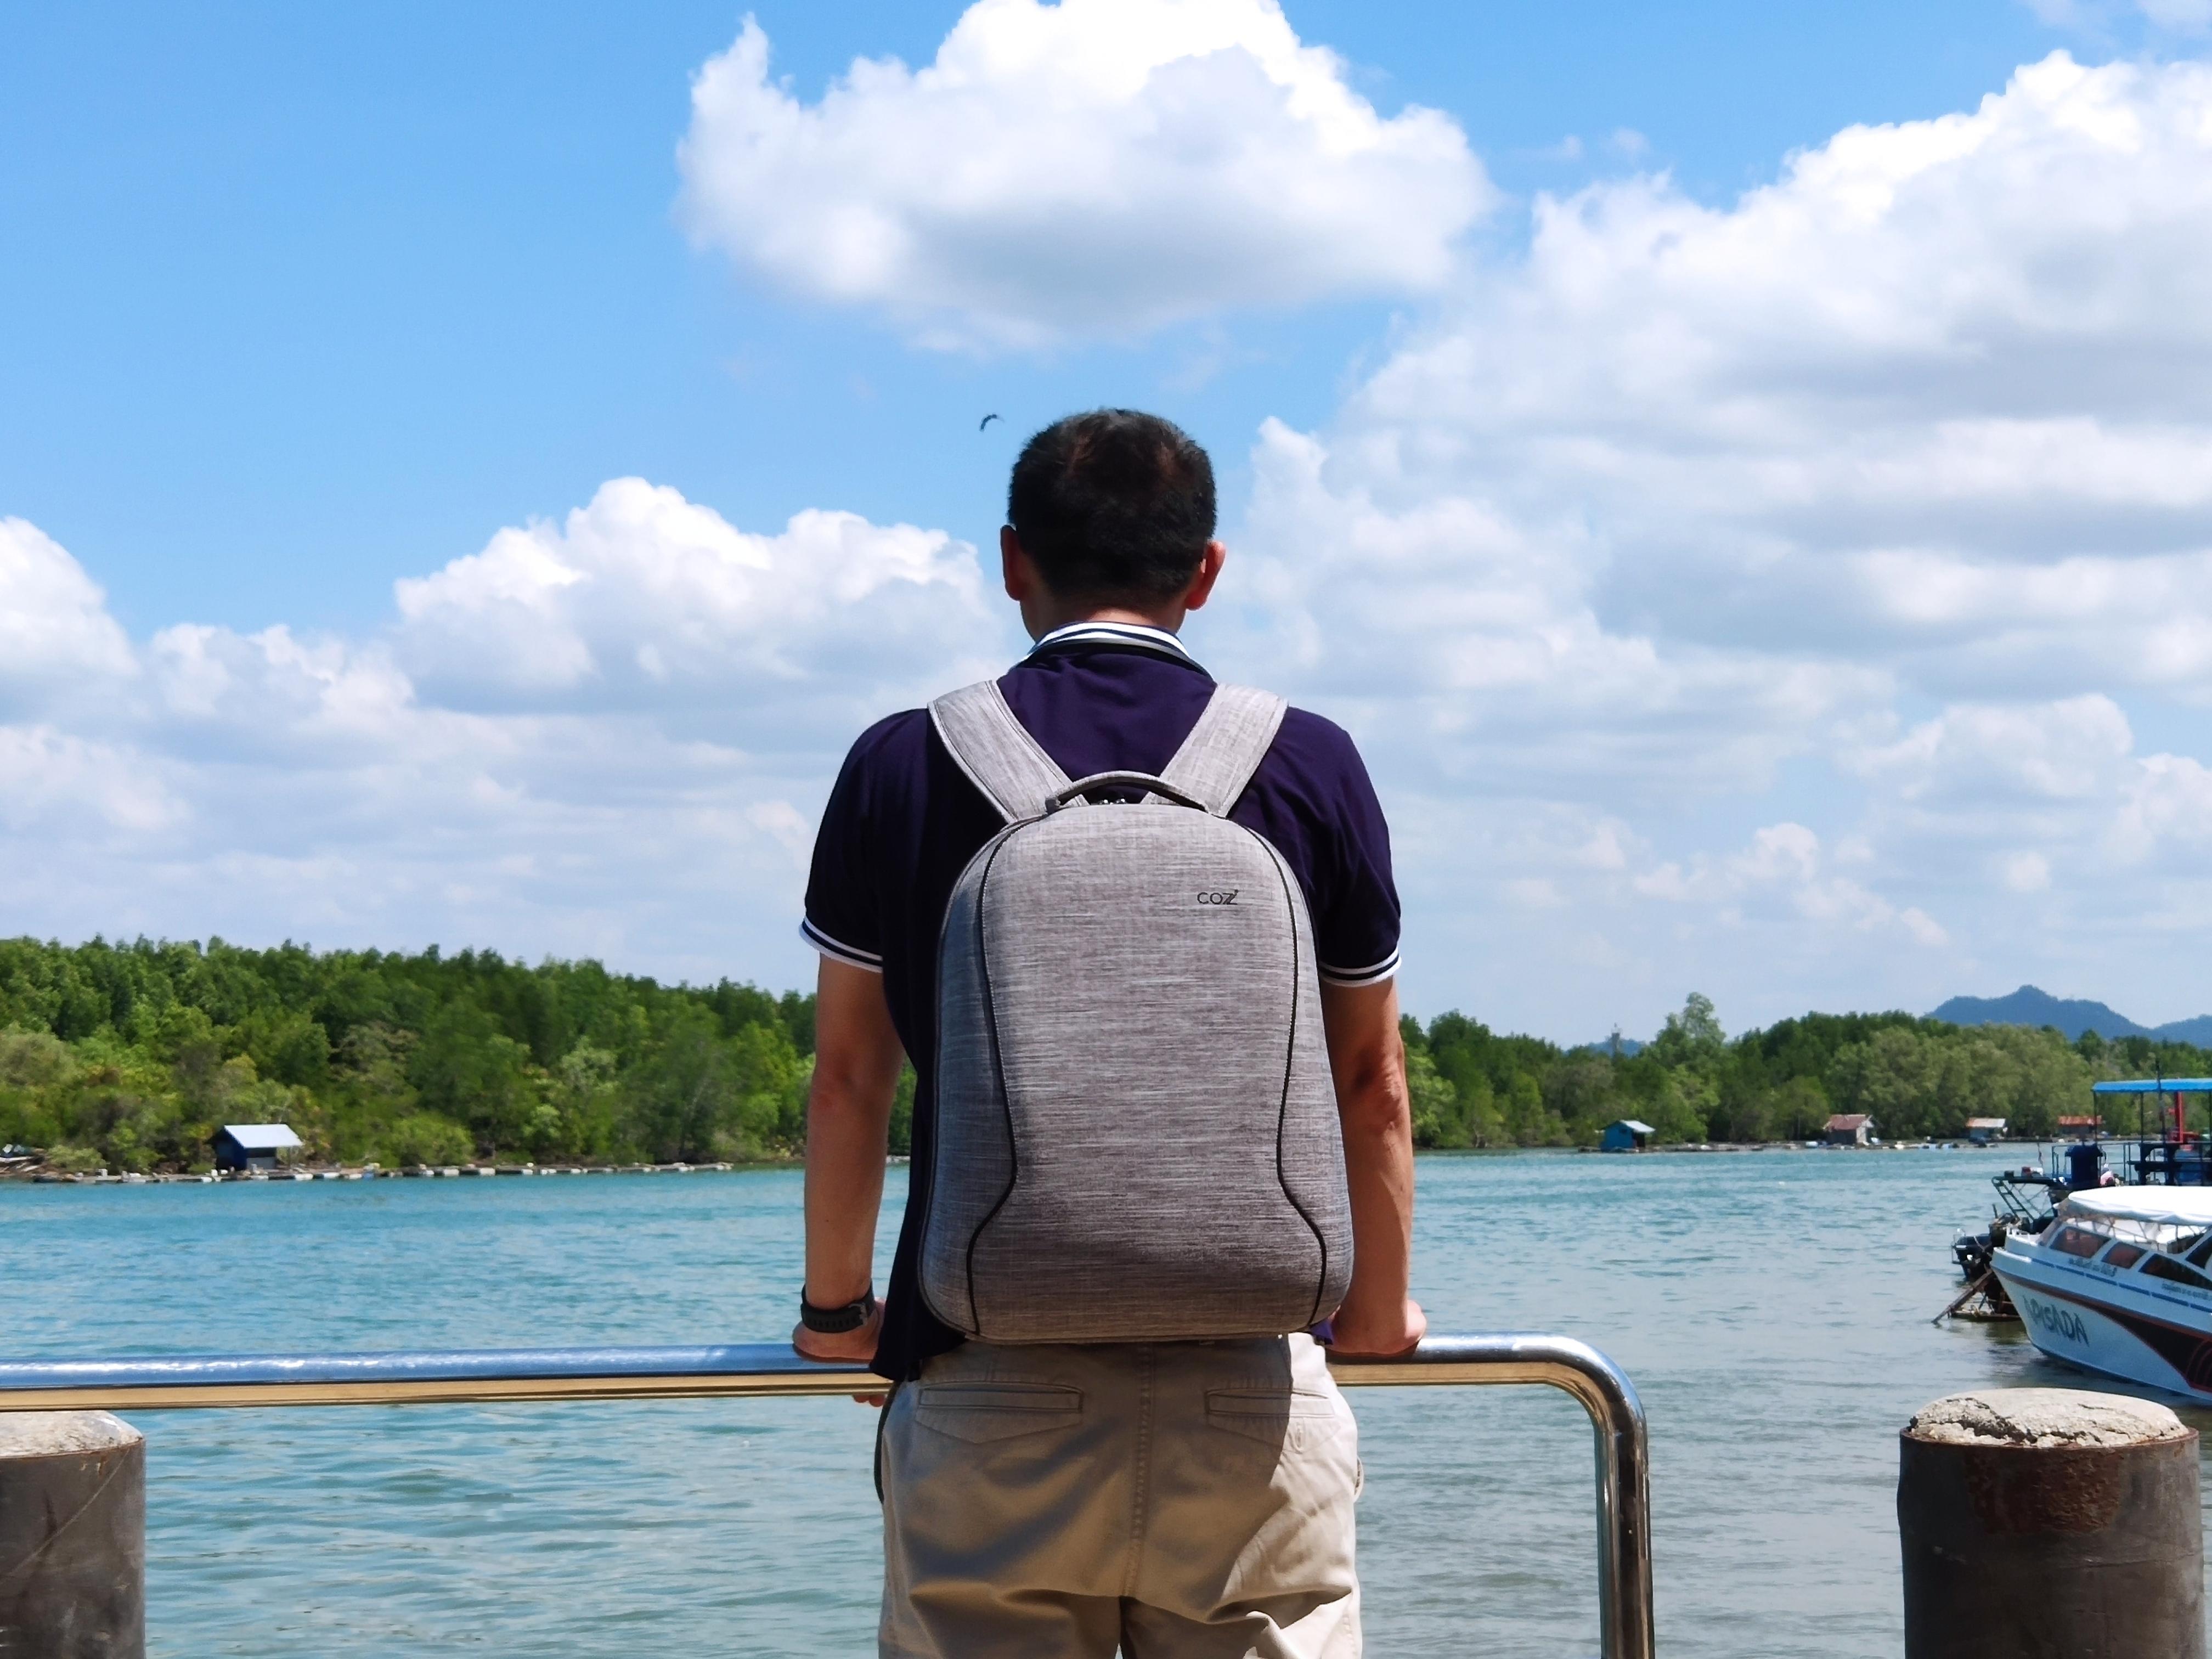 รีวิวกระเป๋าเป้ Cozistyle รุ่น City Backpack สีเทา เห็นเล็กๆ แต่จุไม่ใช่เล่น 1